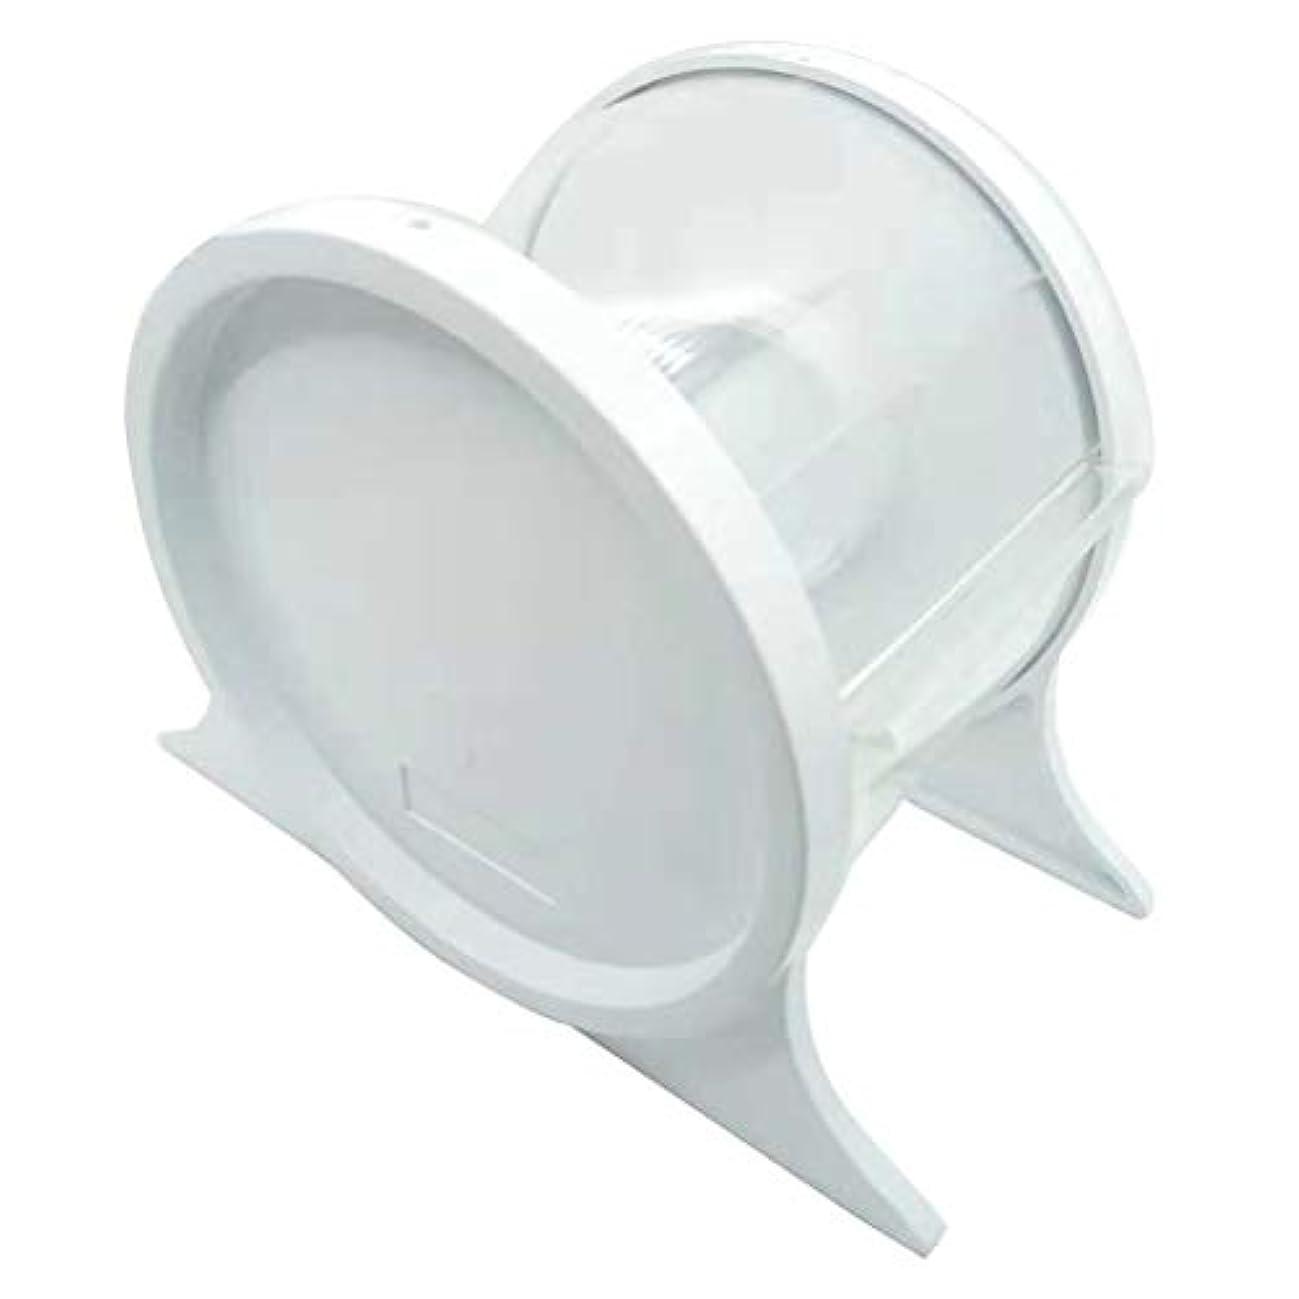 危険晩餐パンダSUPVOX 歯科用バリアフィルムディスペンサー使い捨て保護スタンドホルダーシェルフ歯科用ツール1本(ホワイト)